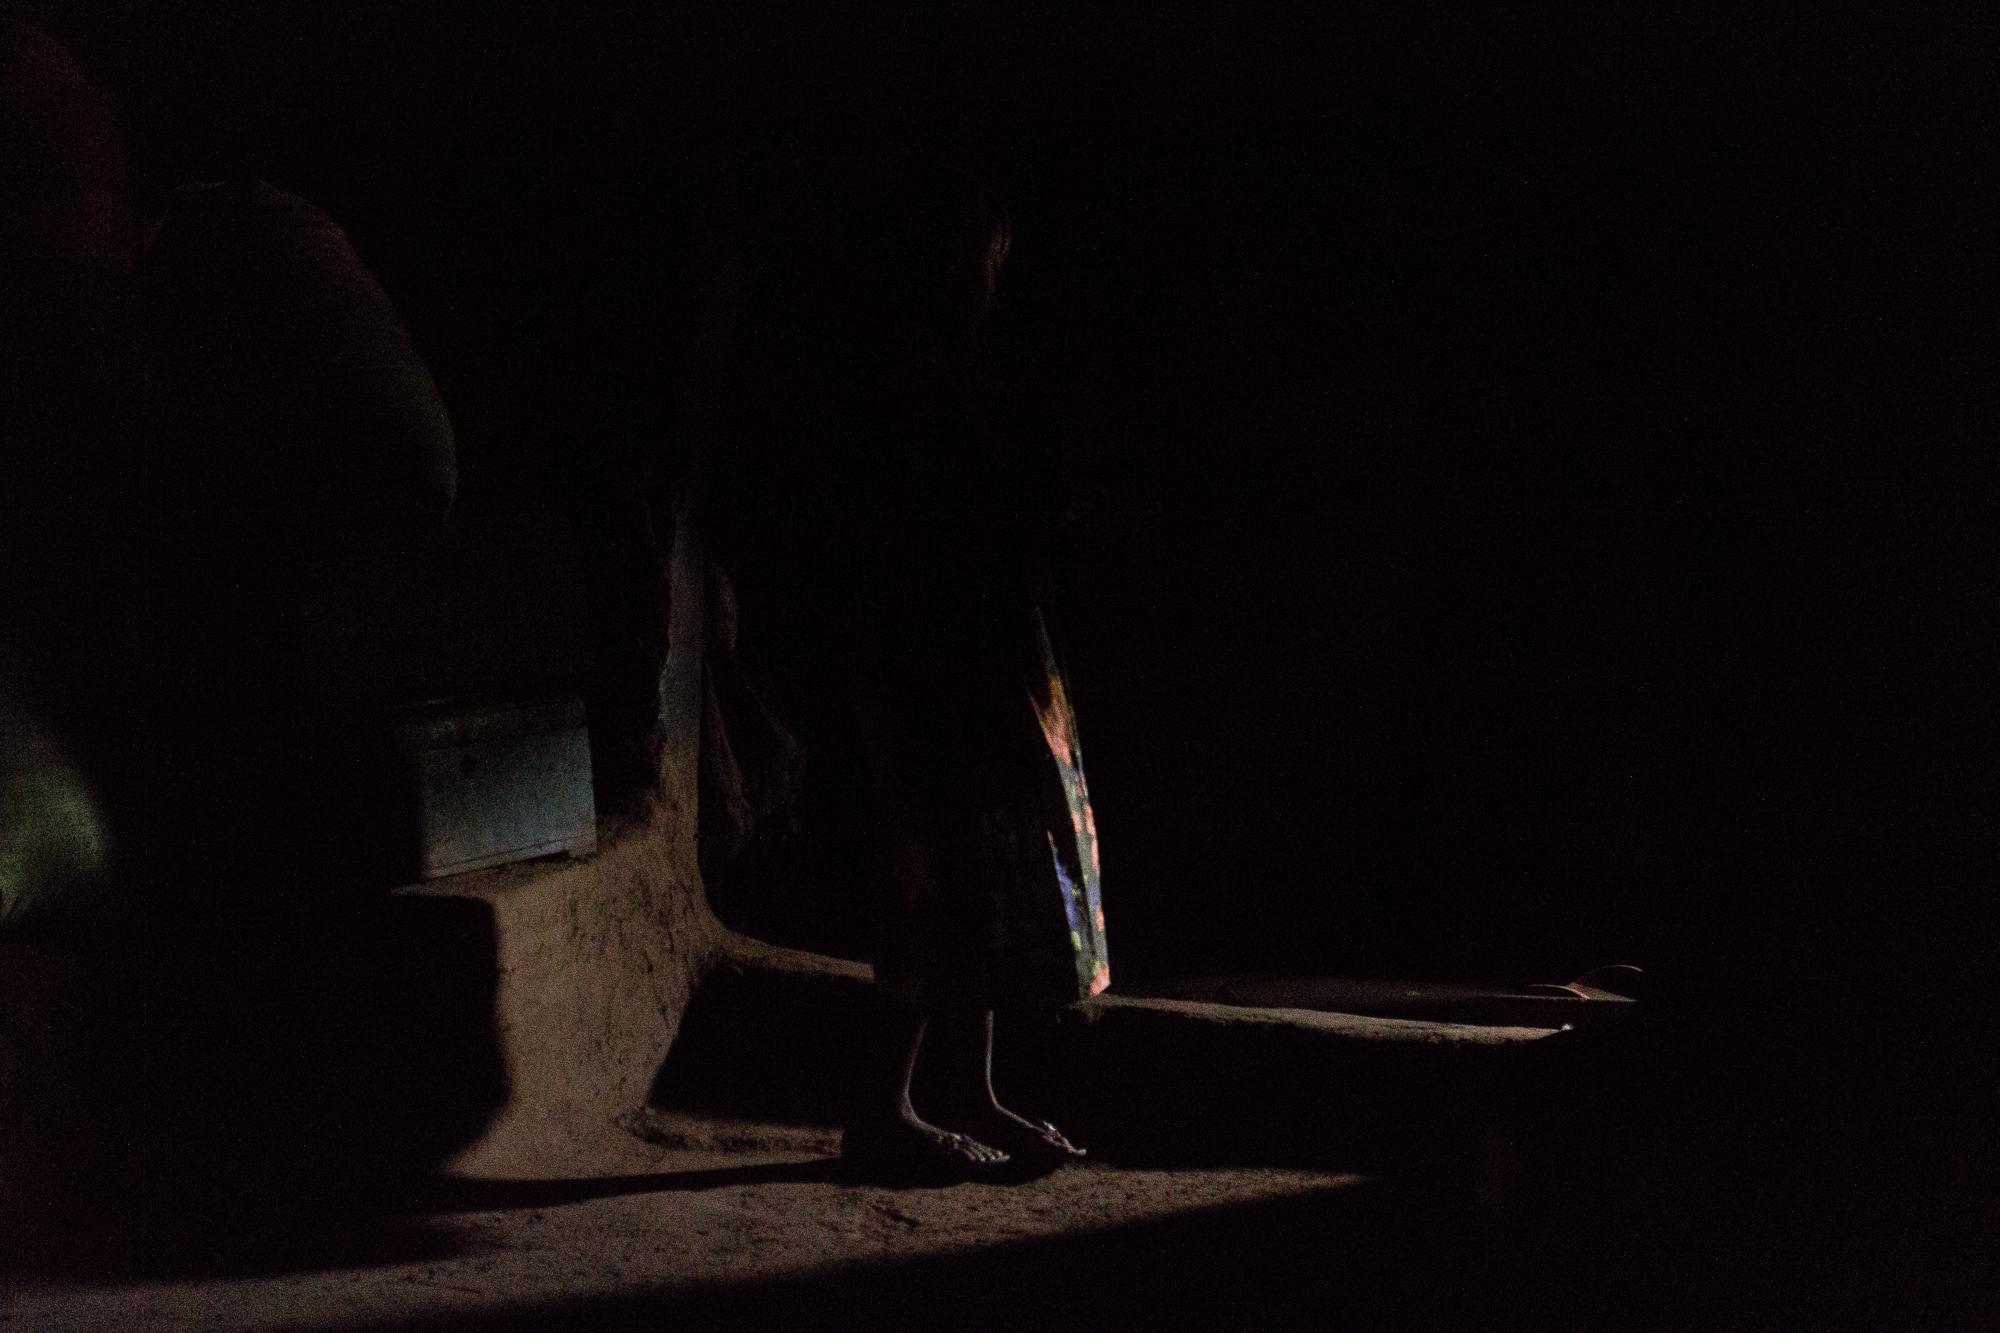 Silhouette dans la pénombre d'une case du village Lobi de Sansana, Burkina Faso